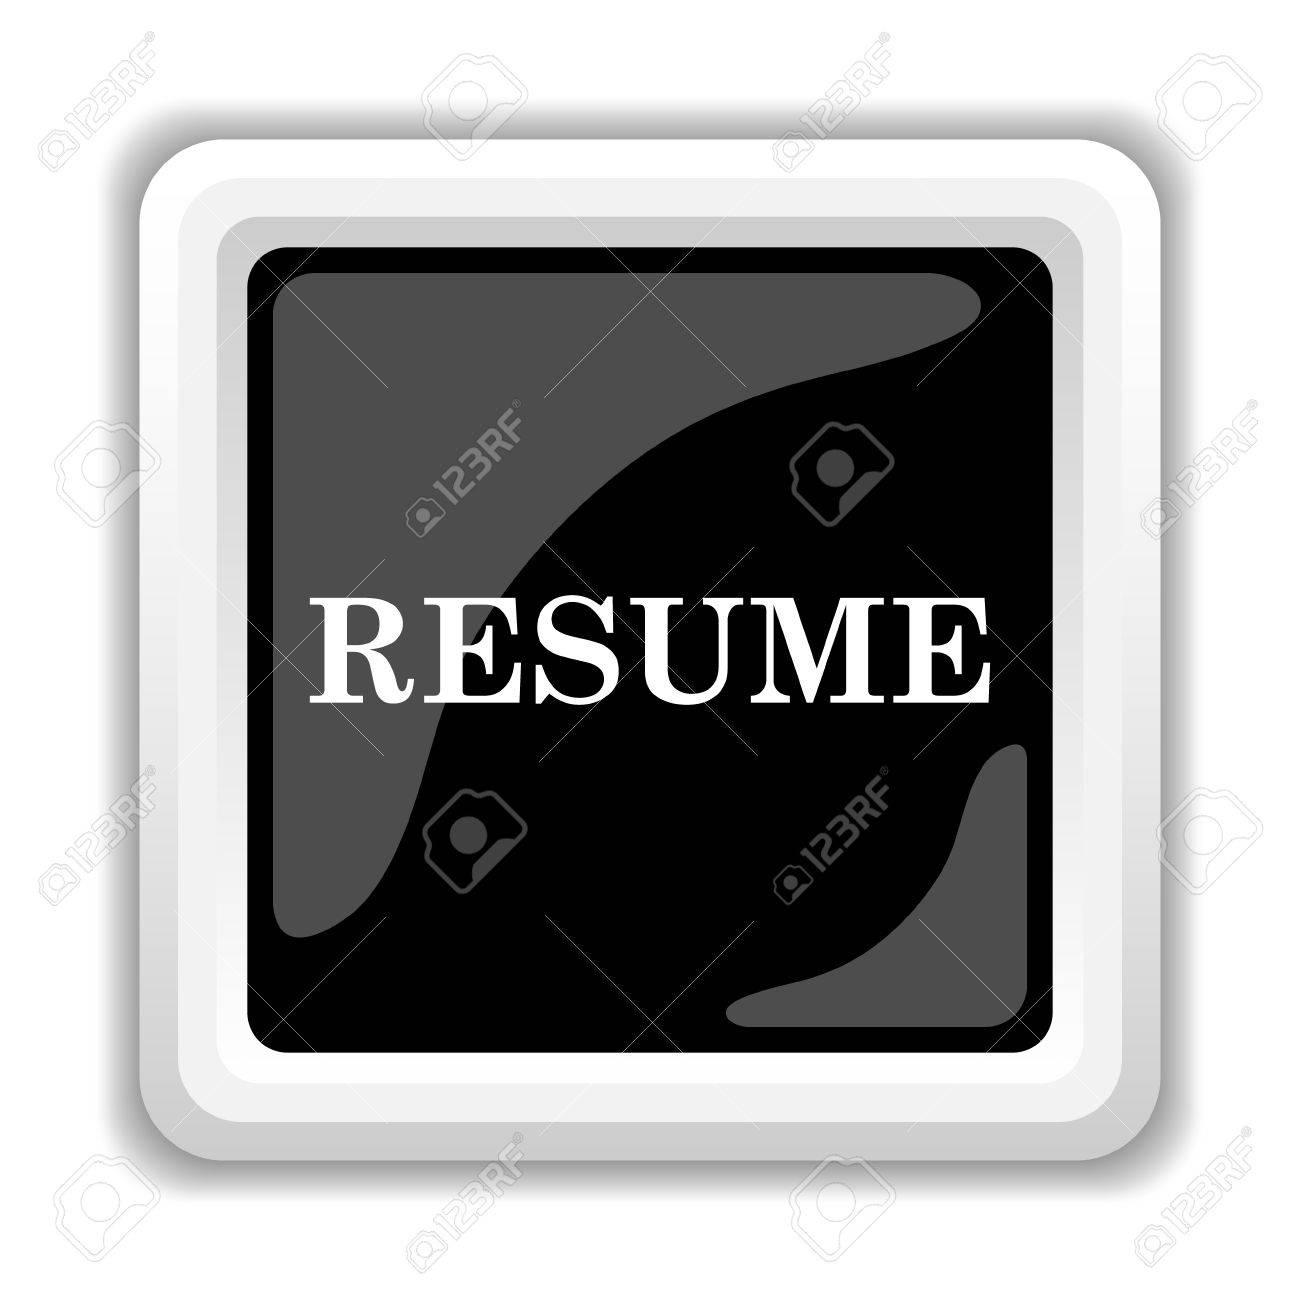 resume icon. internet button on white background. stock photo